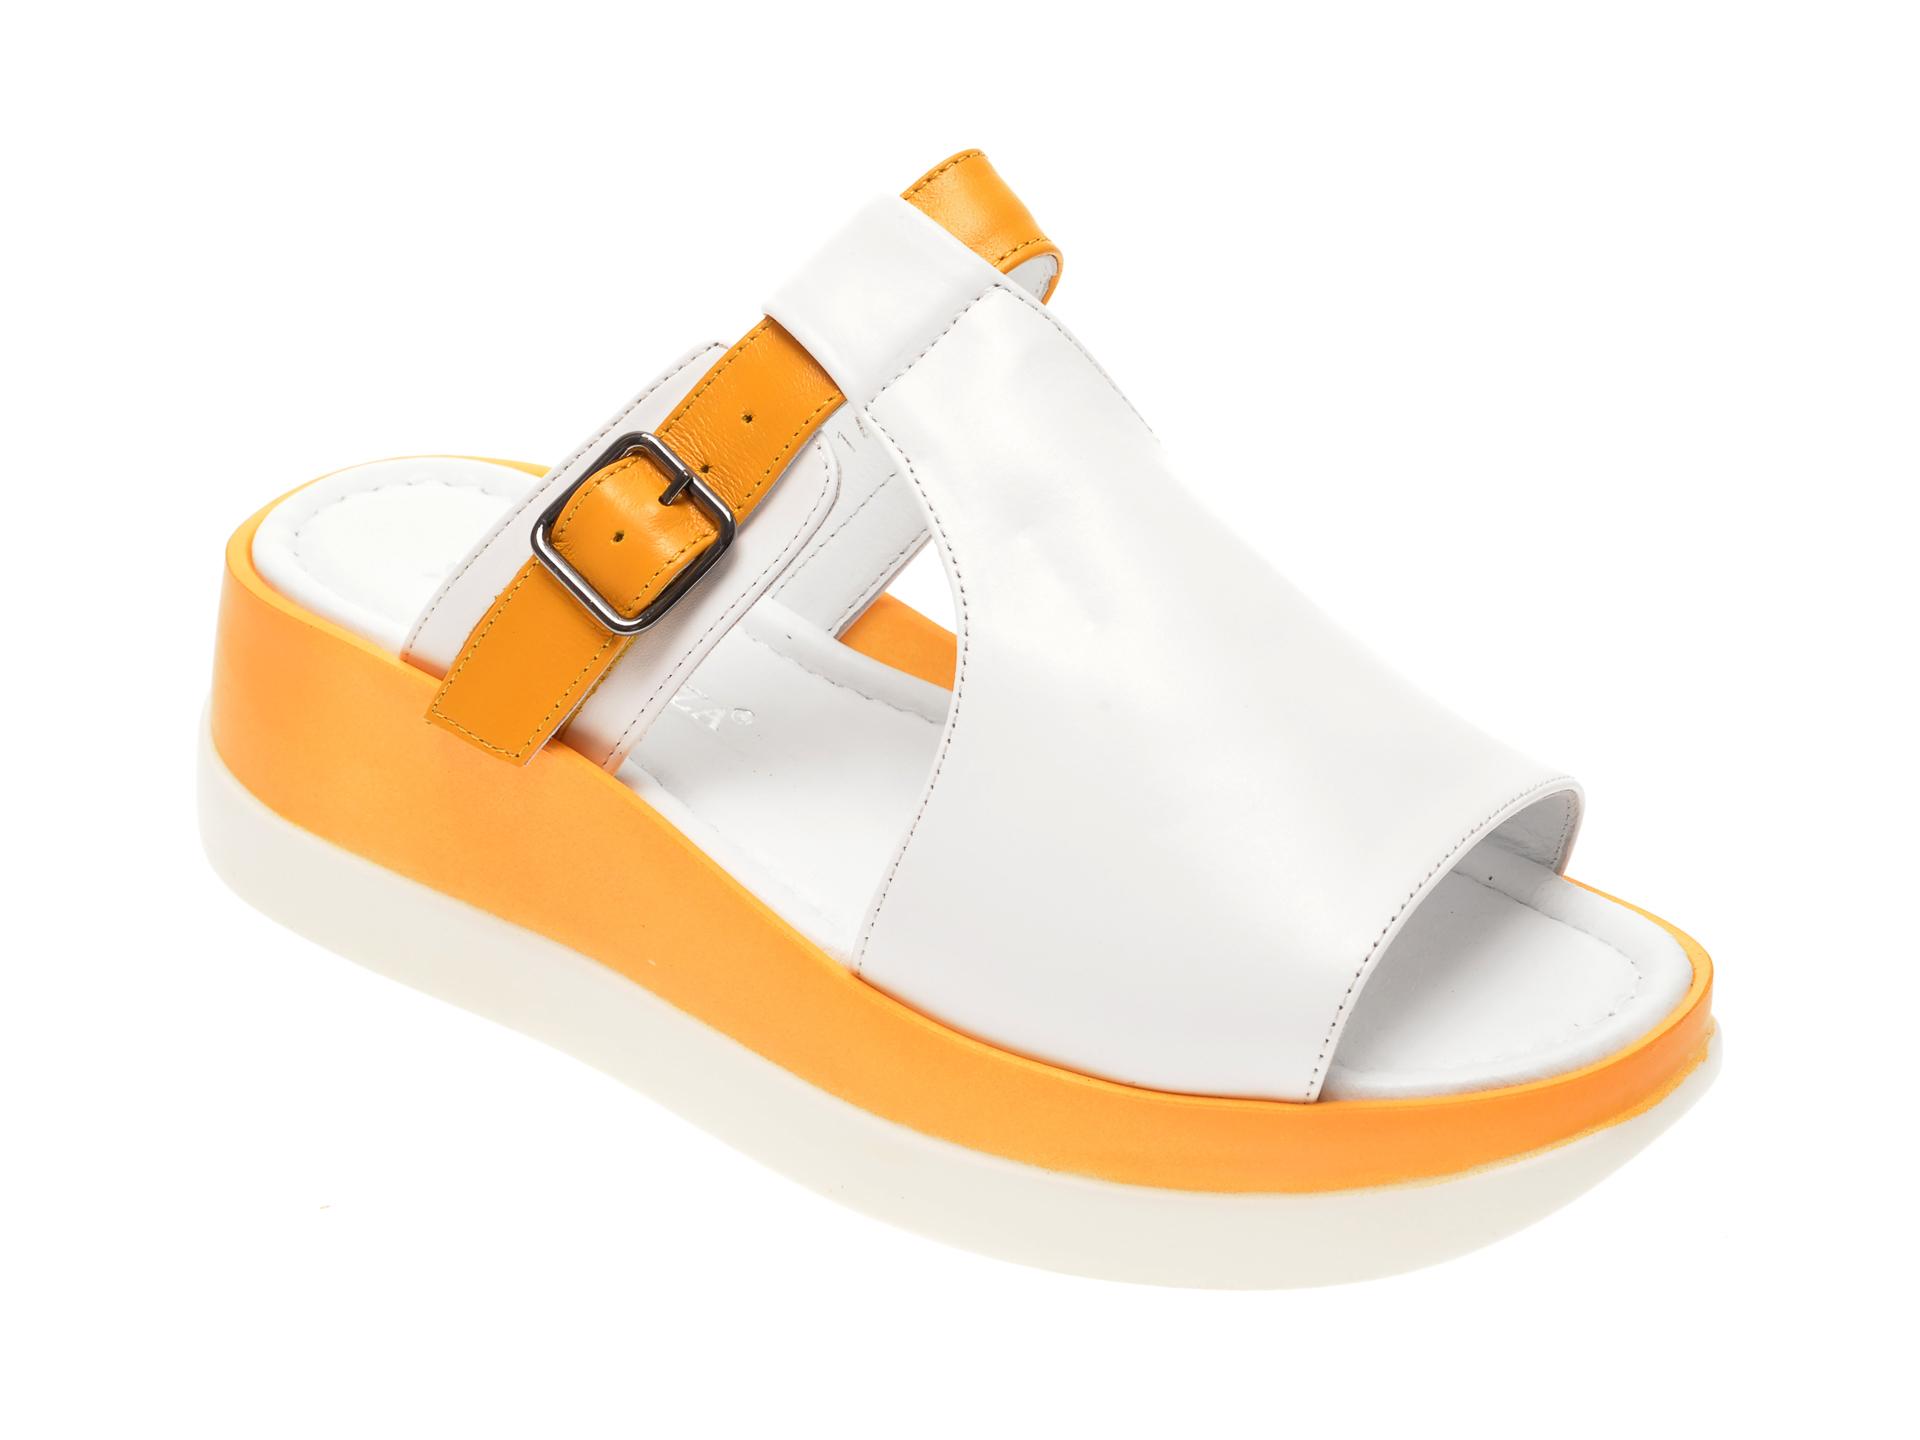 Papuci MISS LIZA albi, 1182443, din piele naturala